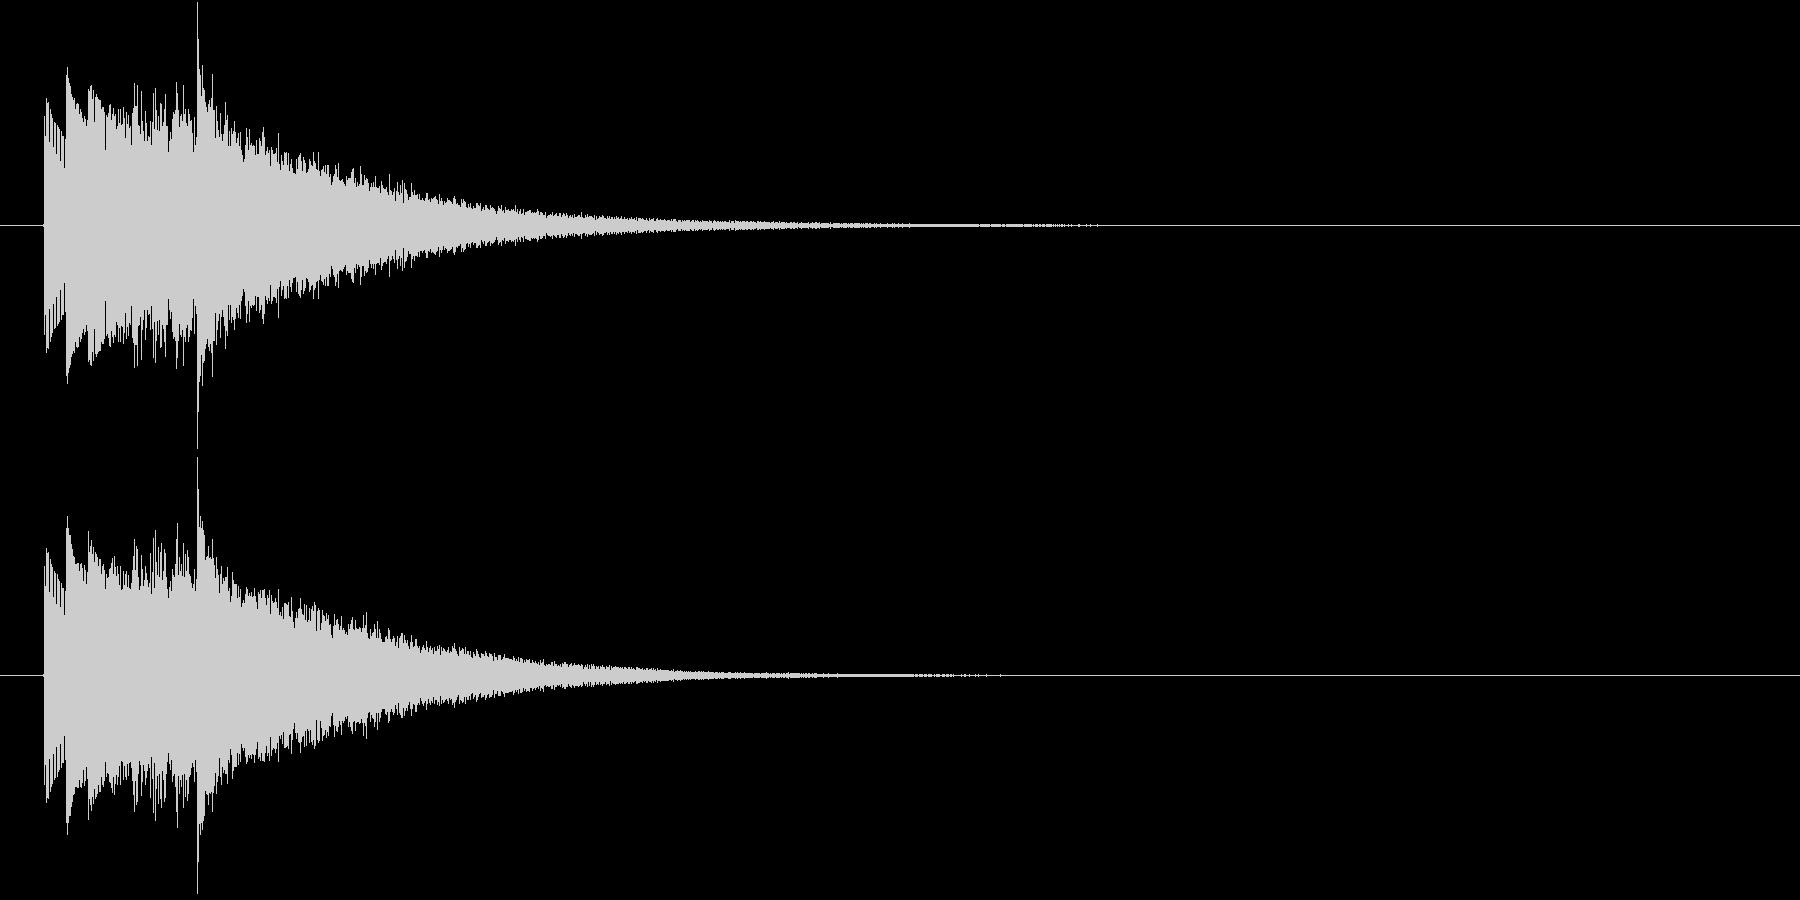 ハープシコード音、不正解時などのSEの未再生の波形